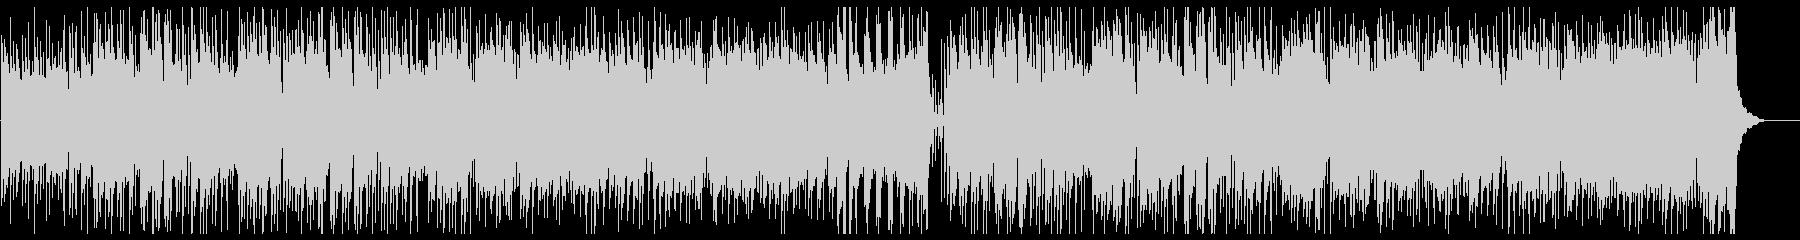 笛・太鼓がメインのどっしりした和風楽曲の未再生の波形